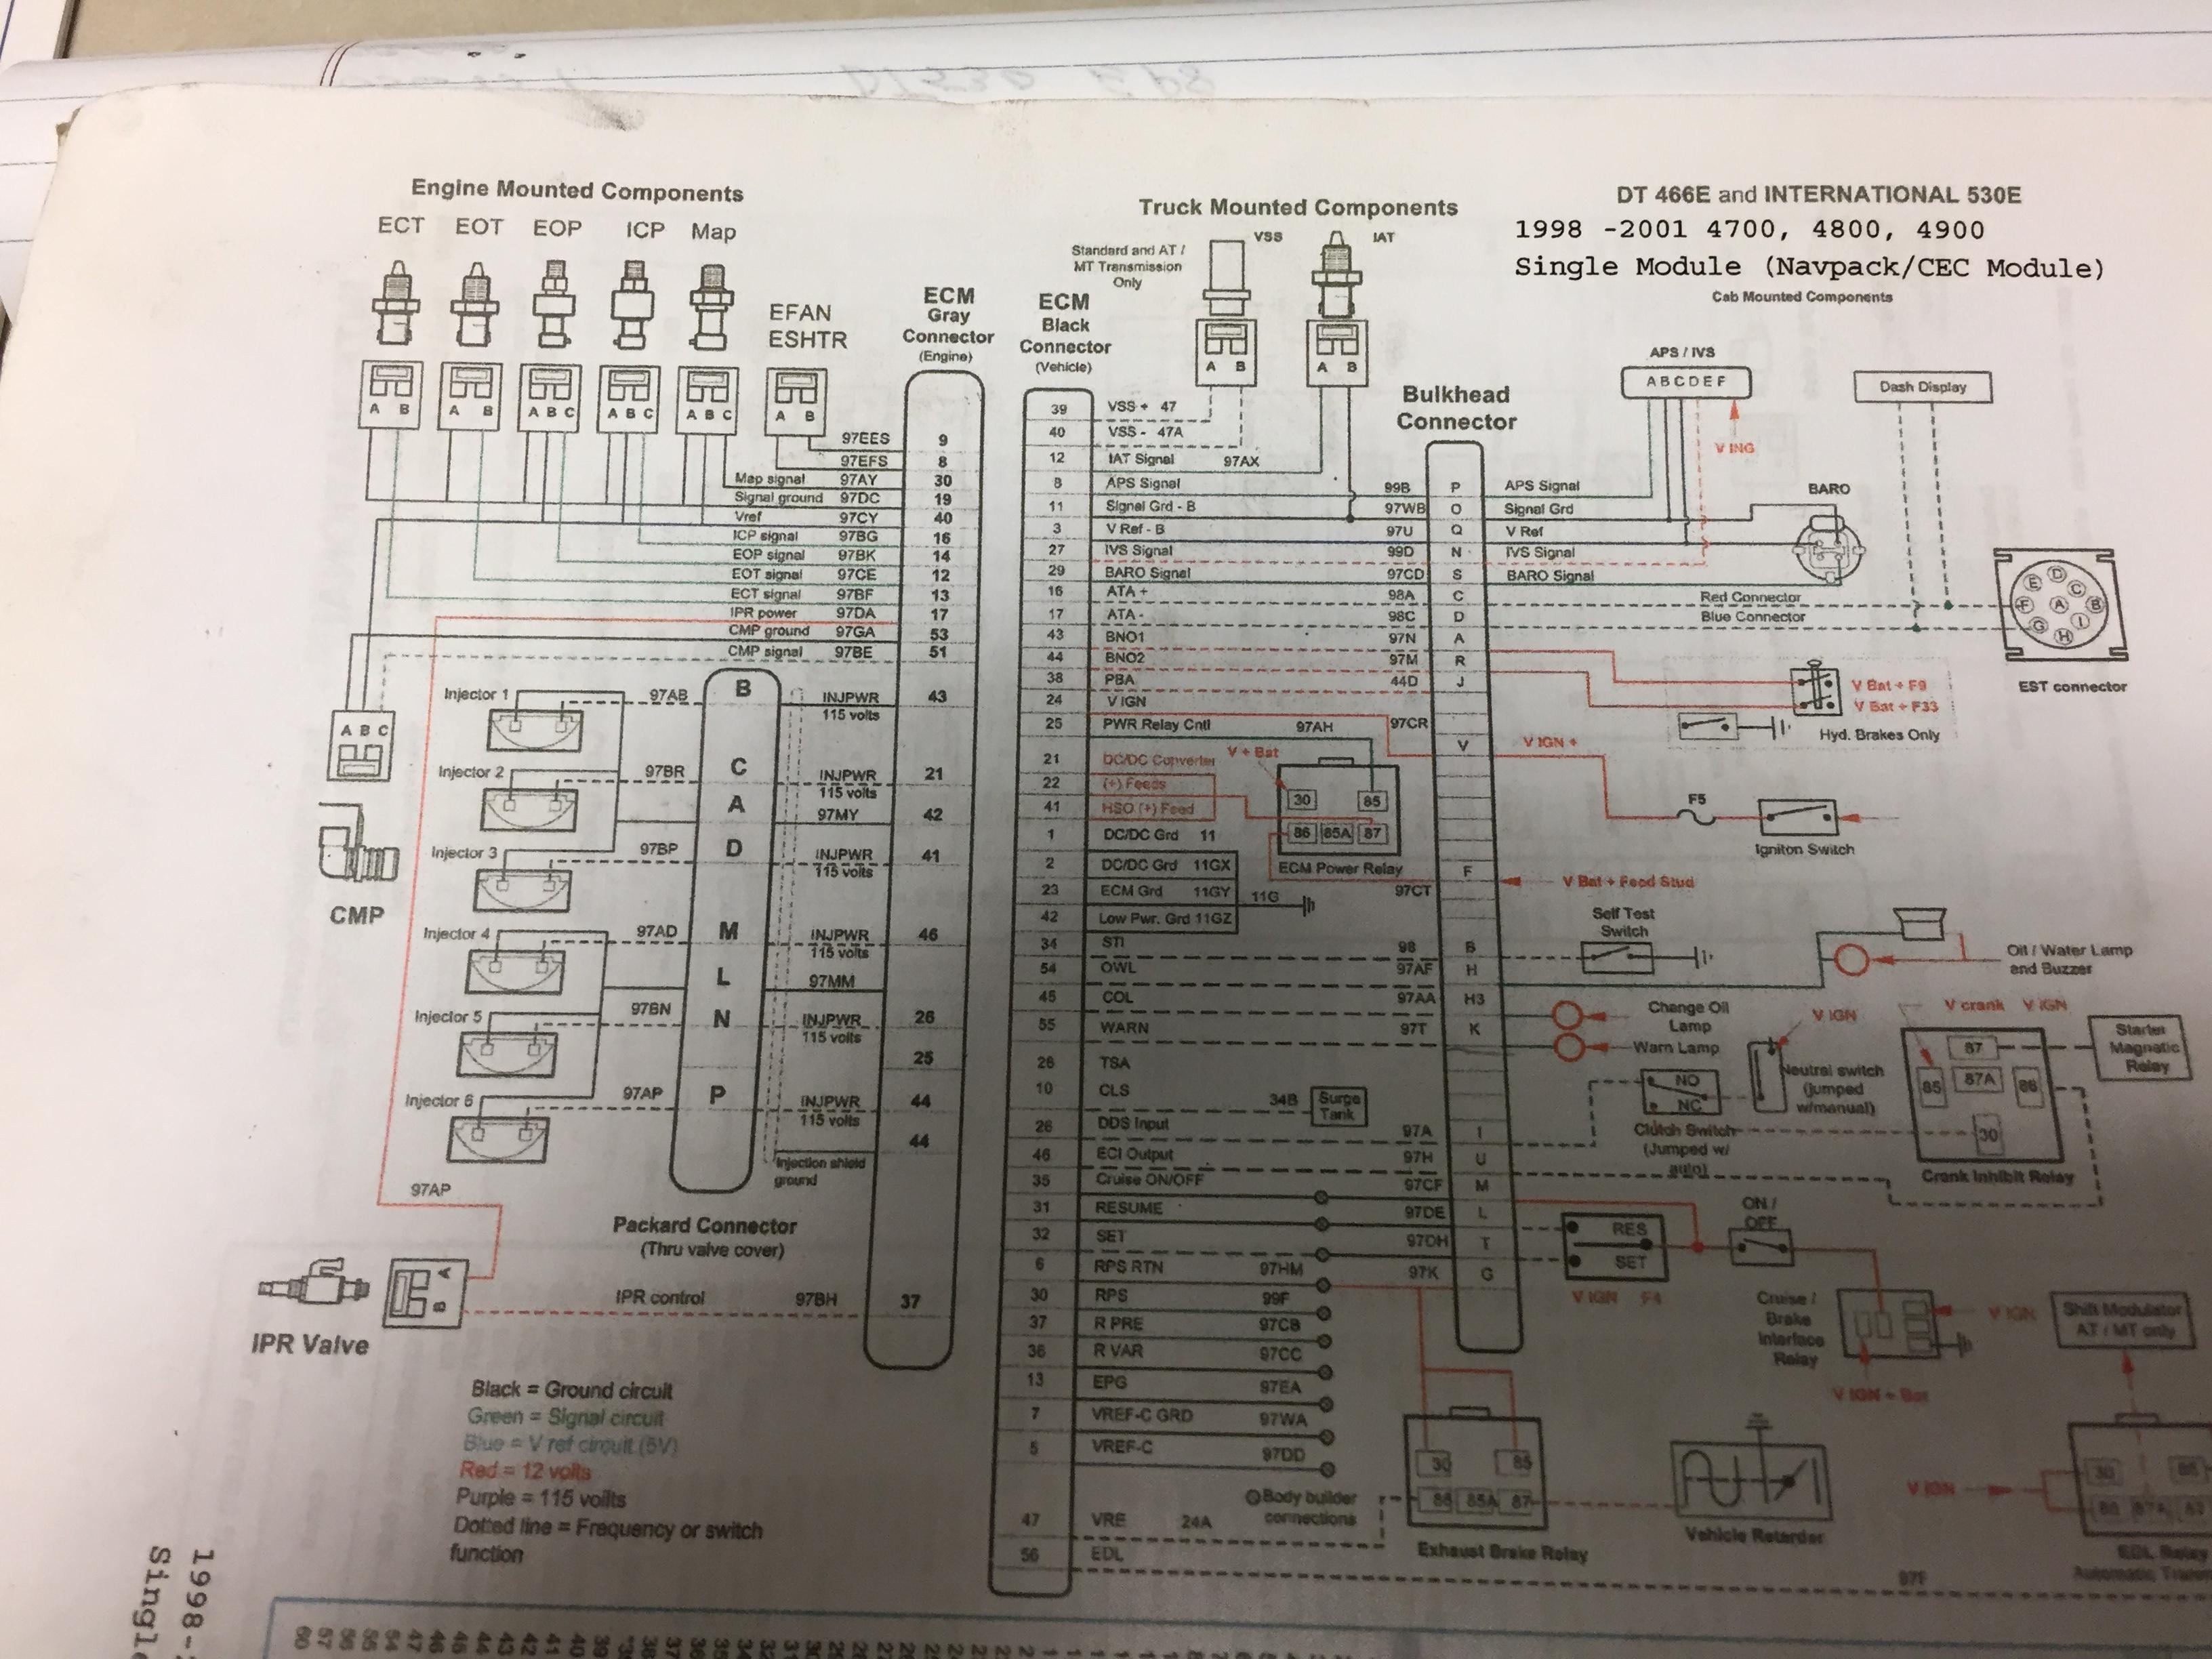 I Got A 2001 Dt466 Truck Vin 1h364453 Code 266 239 11 Navistar 4300 Dt 466 Engine Cooling Diagram Fed71ac0 1fbf 428d 92b9 7d30b95b65e3jpeg